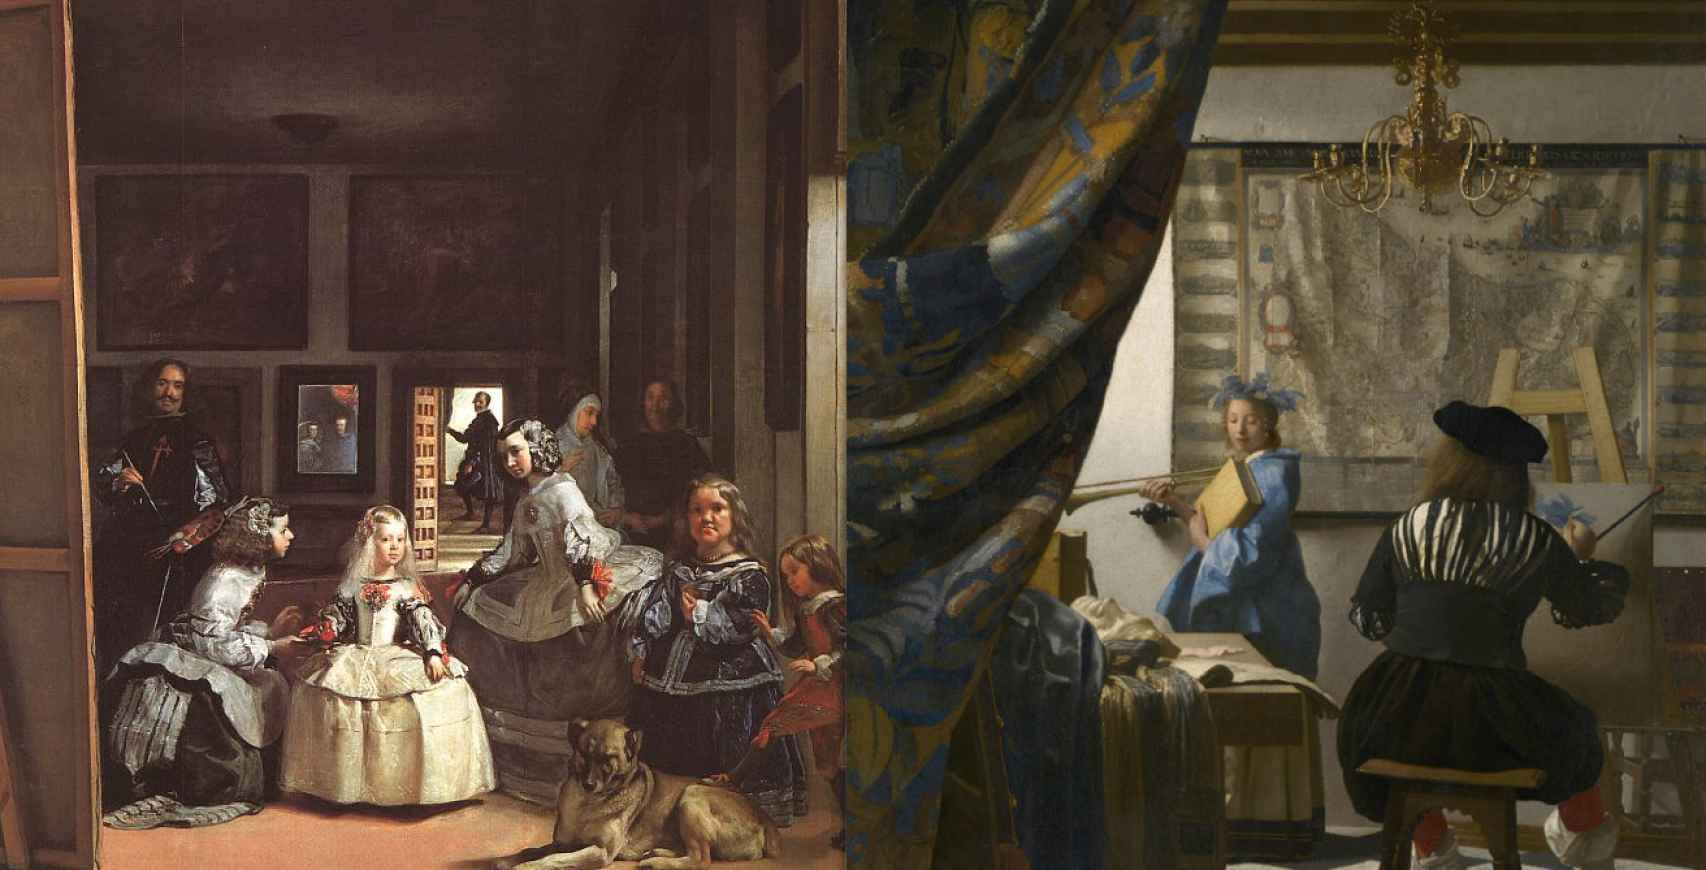 A la izquierda, 'Las Mininas de Velázquez' (Velázquez) y a la derecha, 'Alegoría de la pintura' (Vermeer)